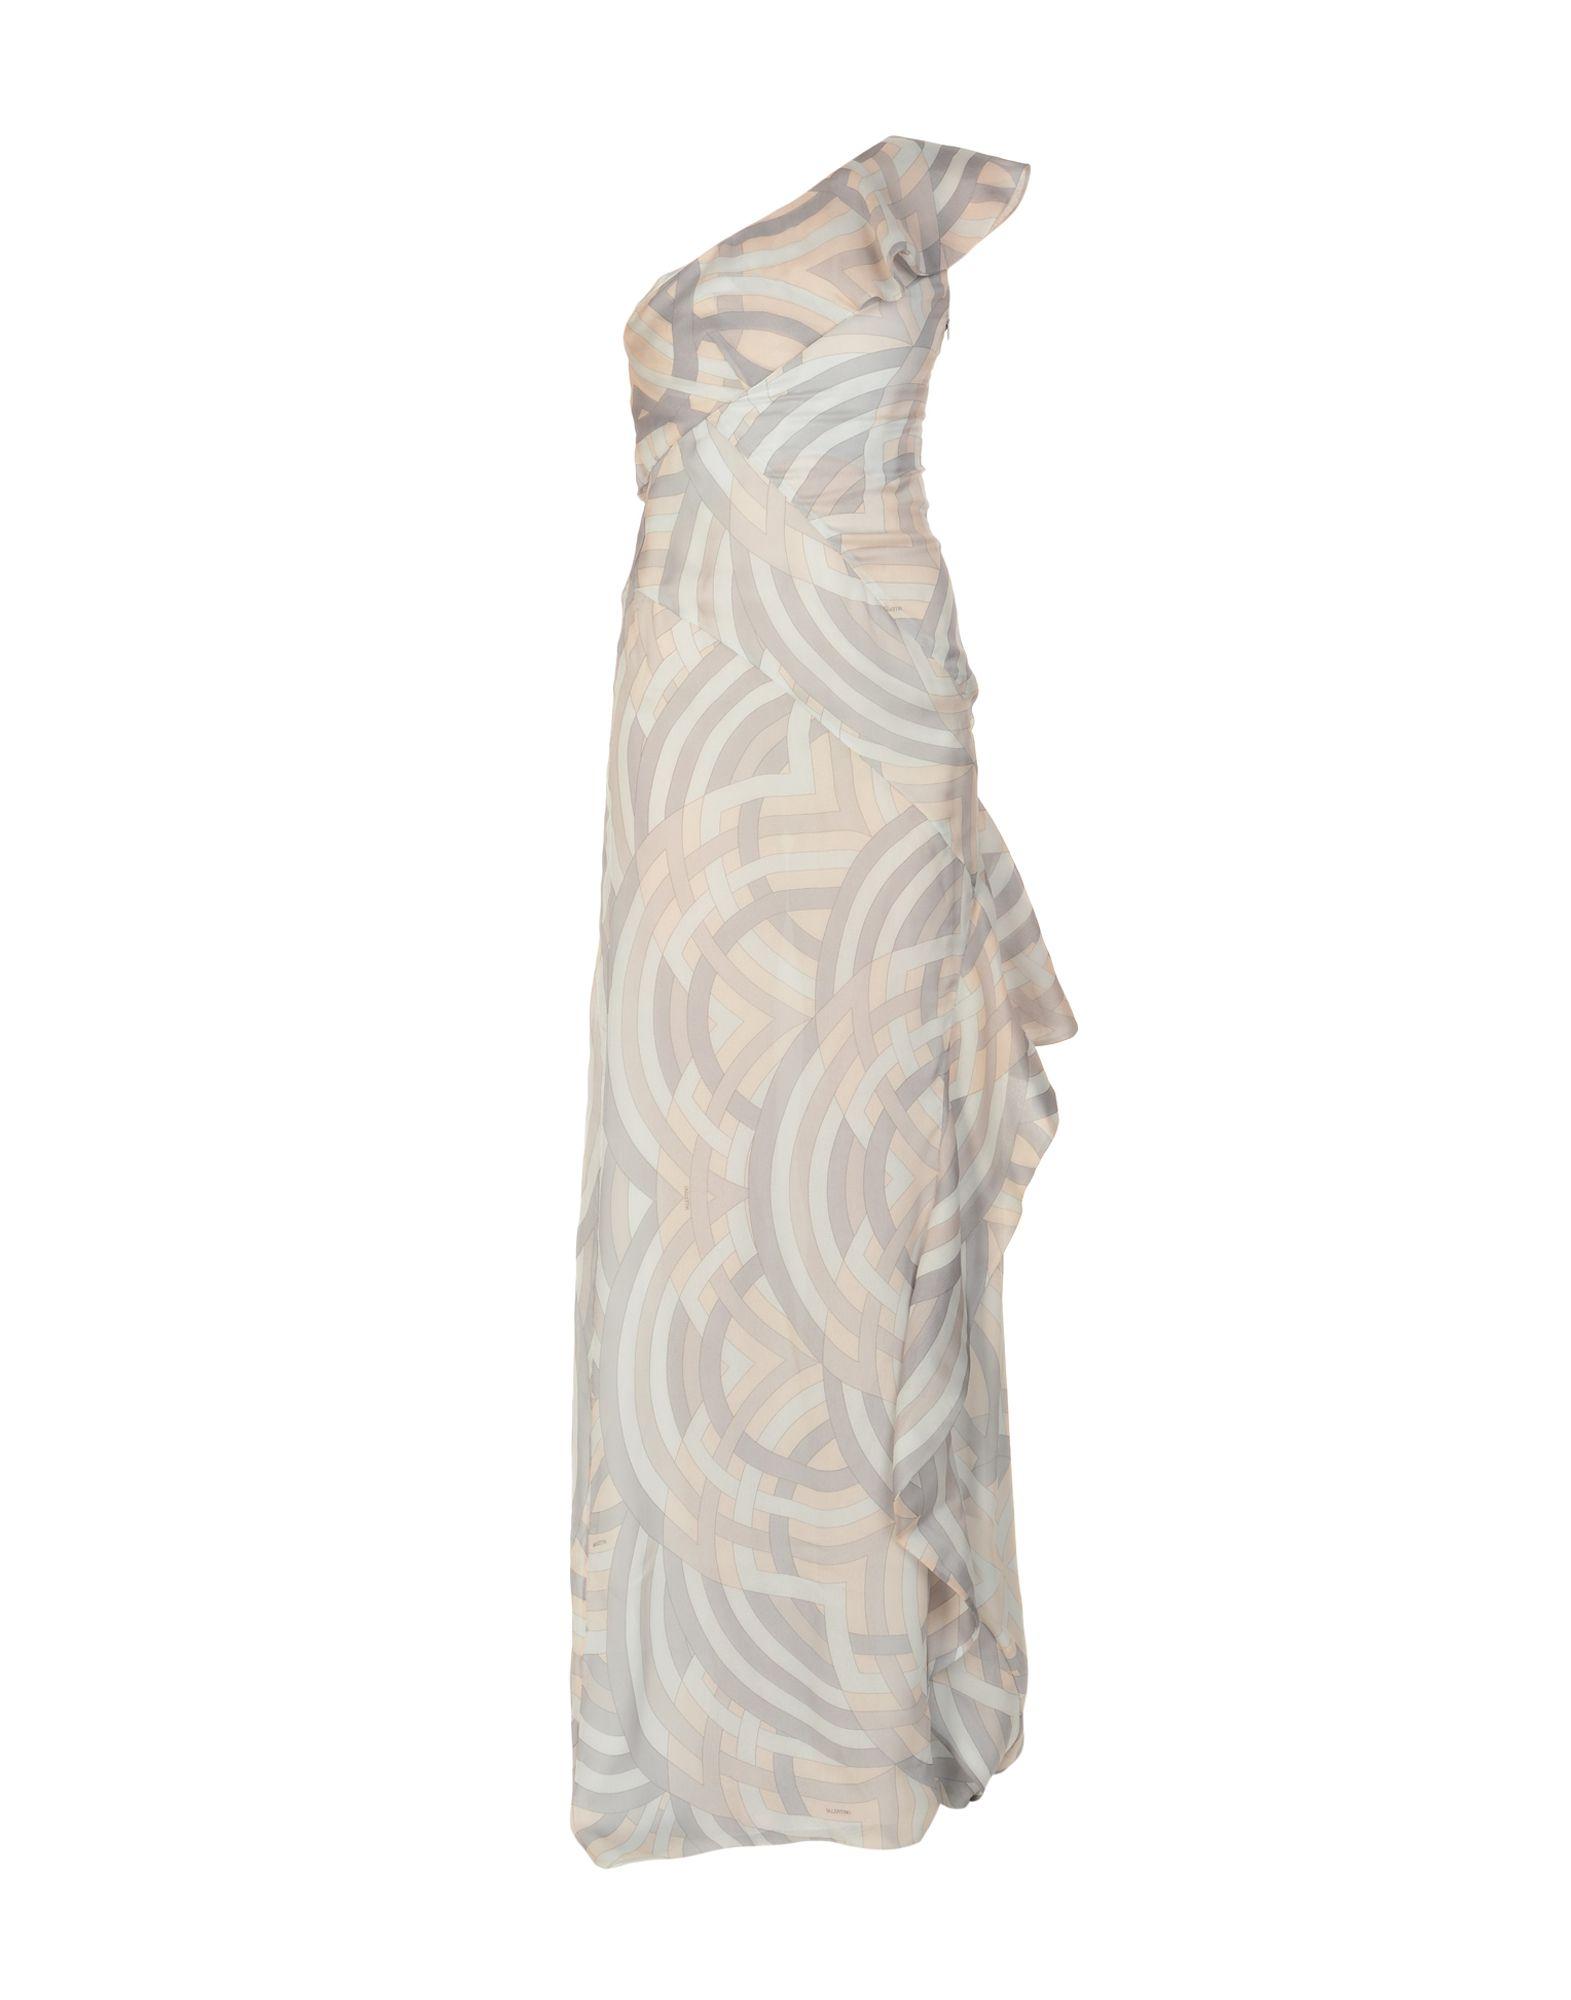 VALENTINO Длинное платье 923 зима полный дрель бархат вечернее платье длинное плечо банкет тост одежды тонкий тонкий хост